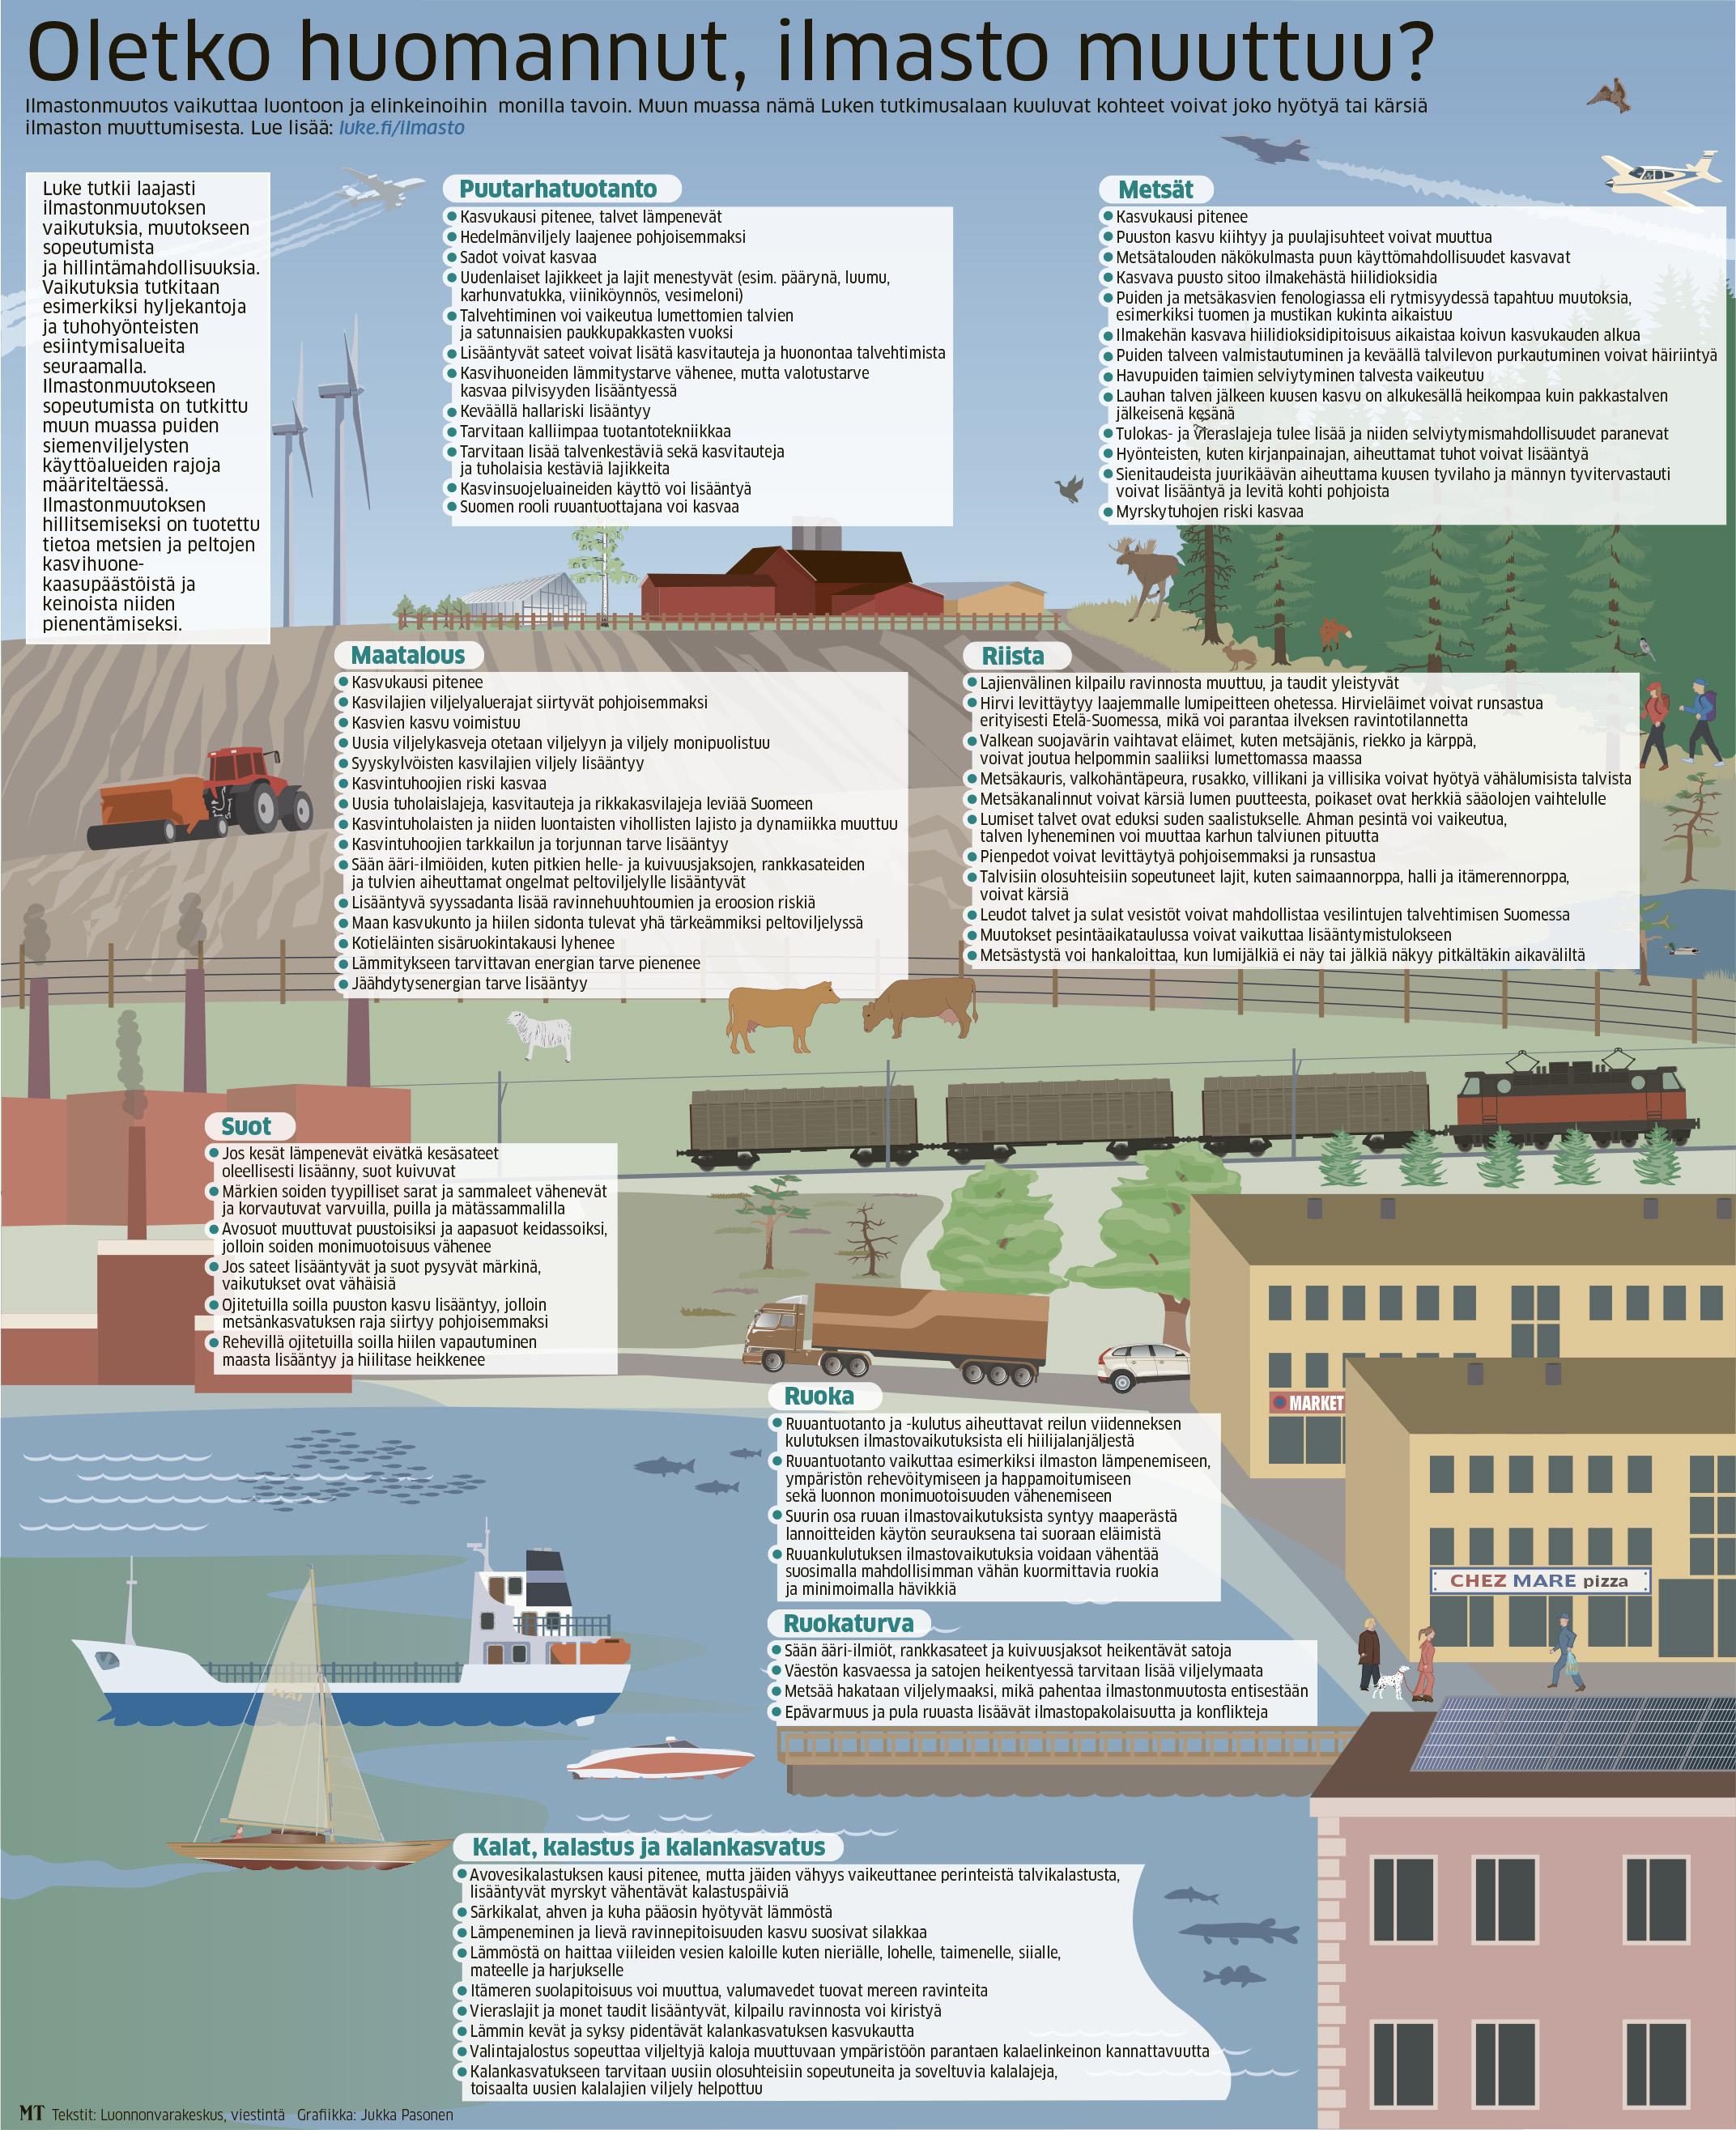 Kooste ilmastonmuutoksen tuomista muutoksista luonnonvaroihin. Kuva: Luonnonvarakeskuksen viestintä ja grafiikka Maaseudun Tulevaisuus, Jukka Pasonen.